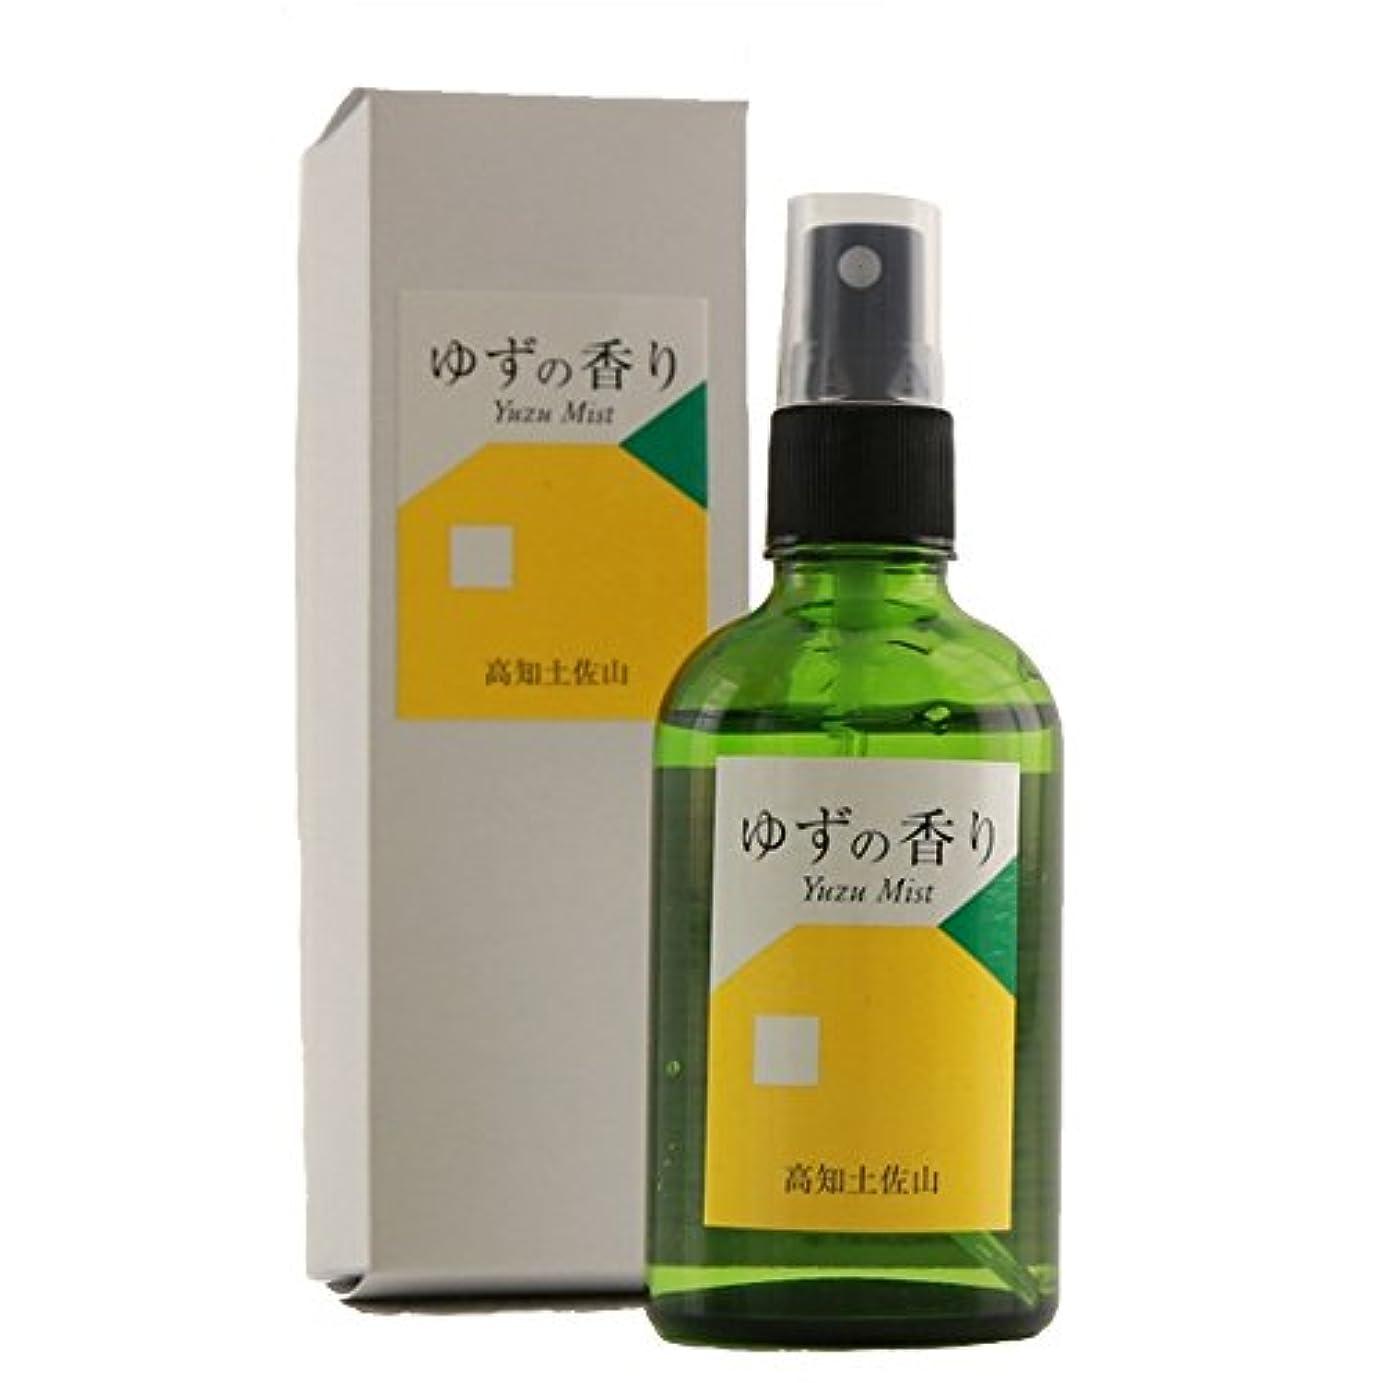 夕暮れぐるぐるレイプゆずの香りミスト 100ml ゆずエキス蒸留水